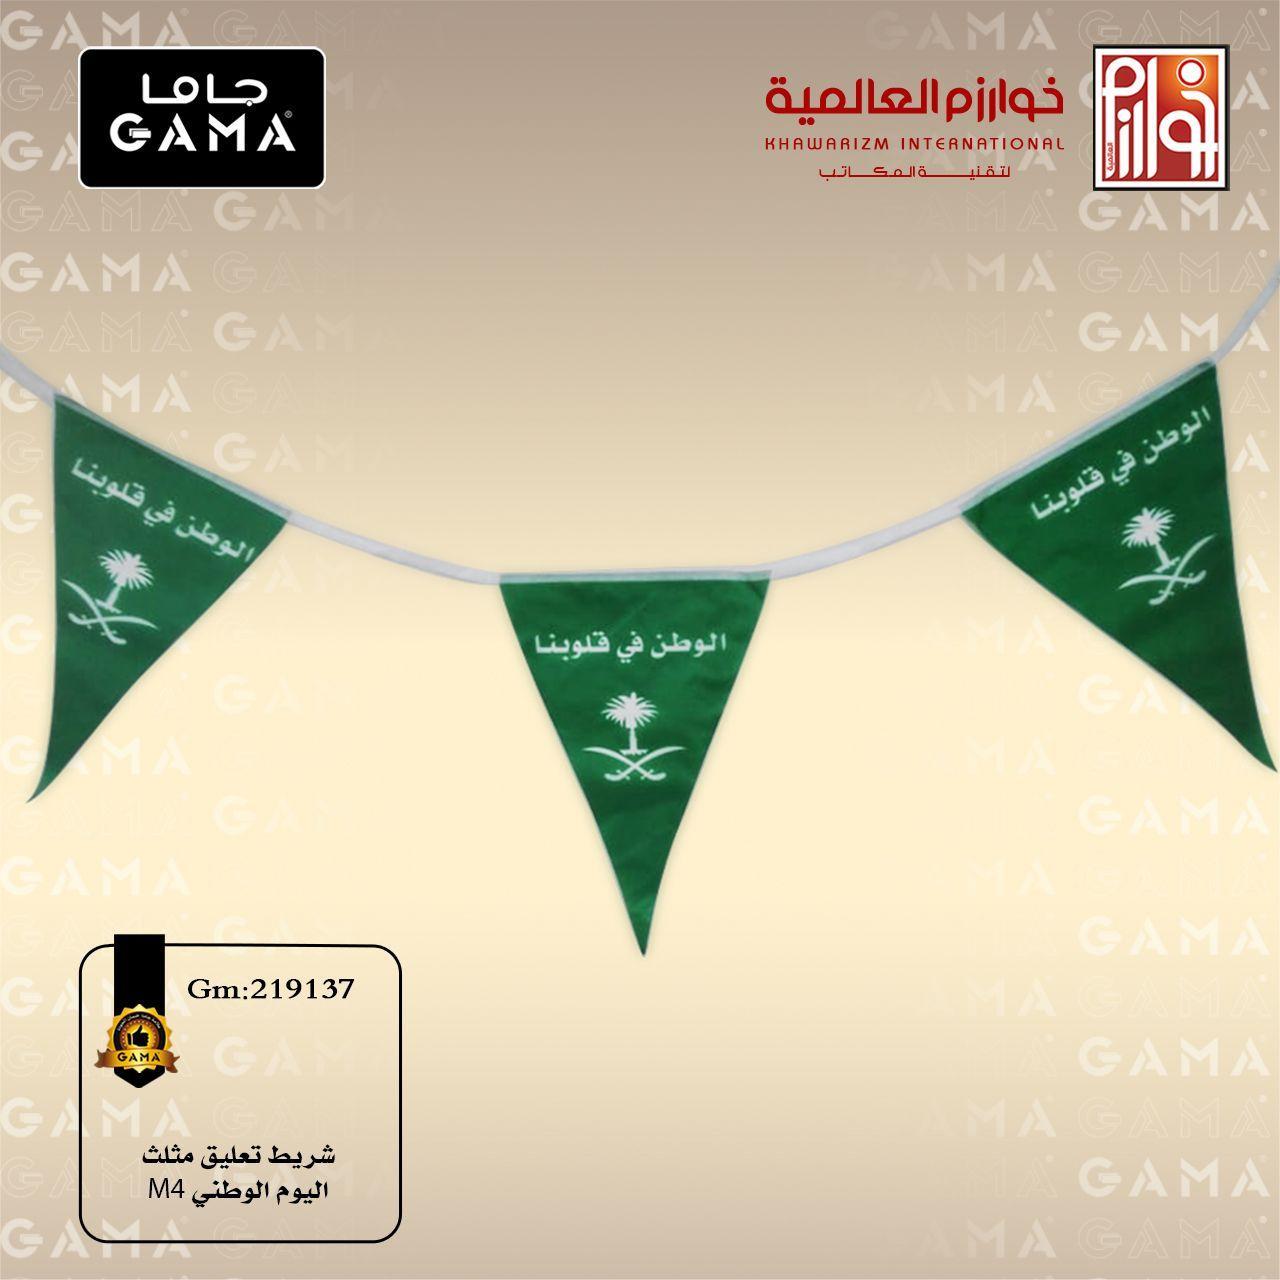 شريط تعليق اليوم الوطني السعودي Stationery